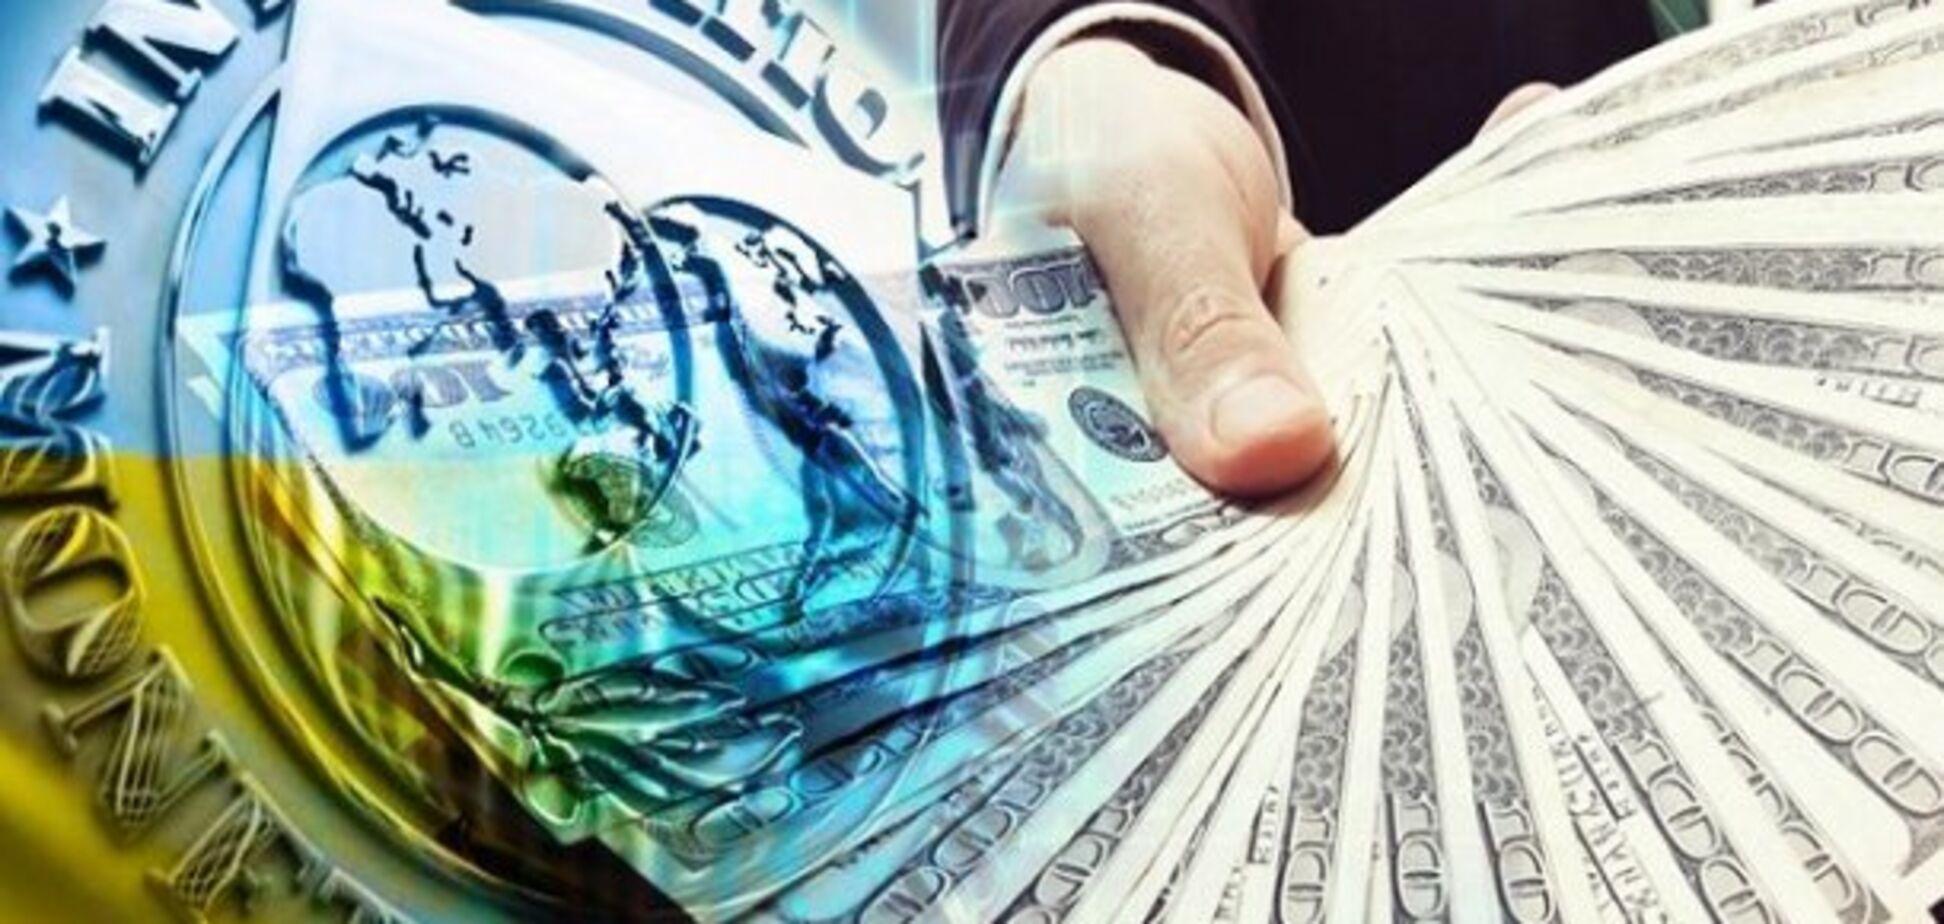 Новый транш МВФ для Украины не согласован из-за законопроекта 2571